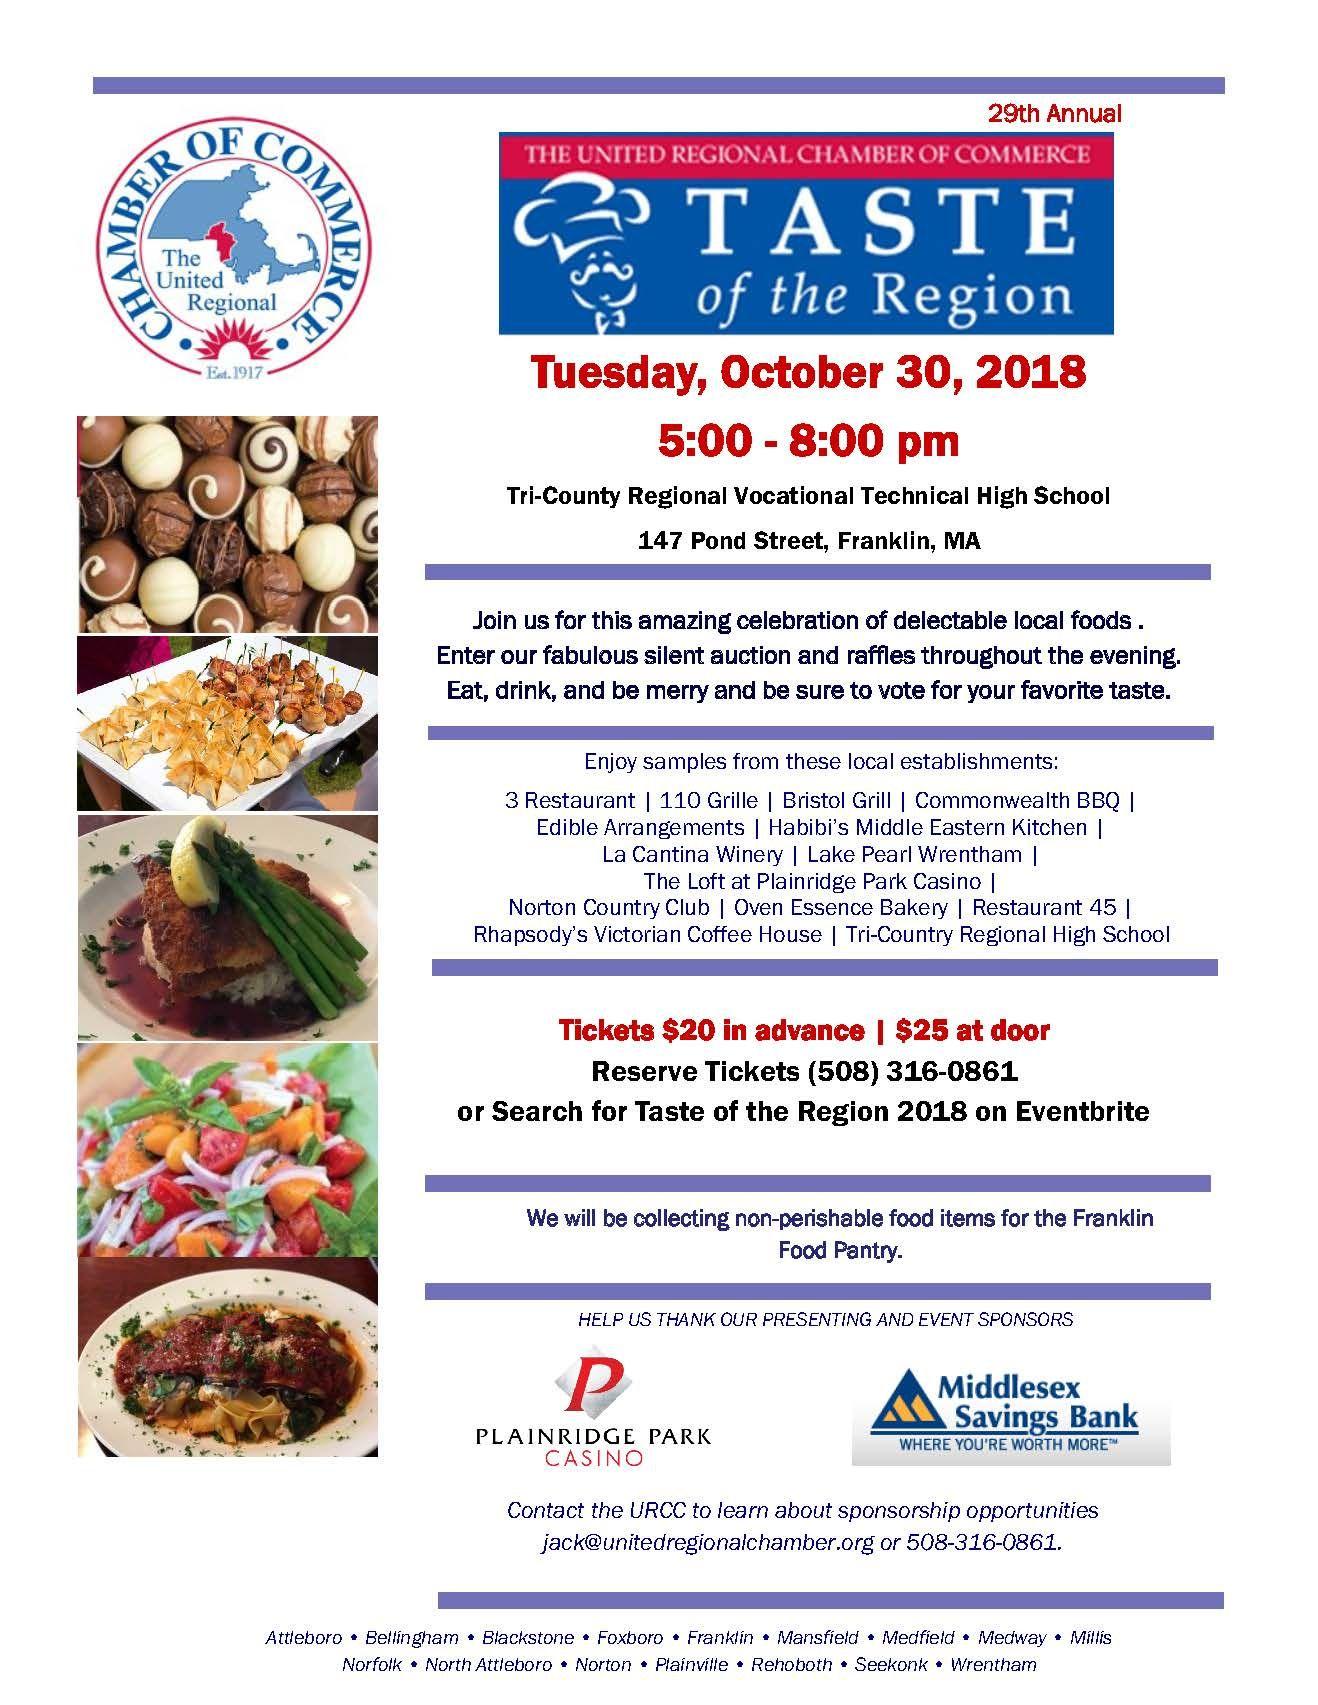 Taste Of The Region United Regional Chamber Of Commerce Chamber Events Chamber Of Commerce Tasting